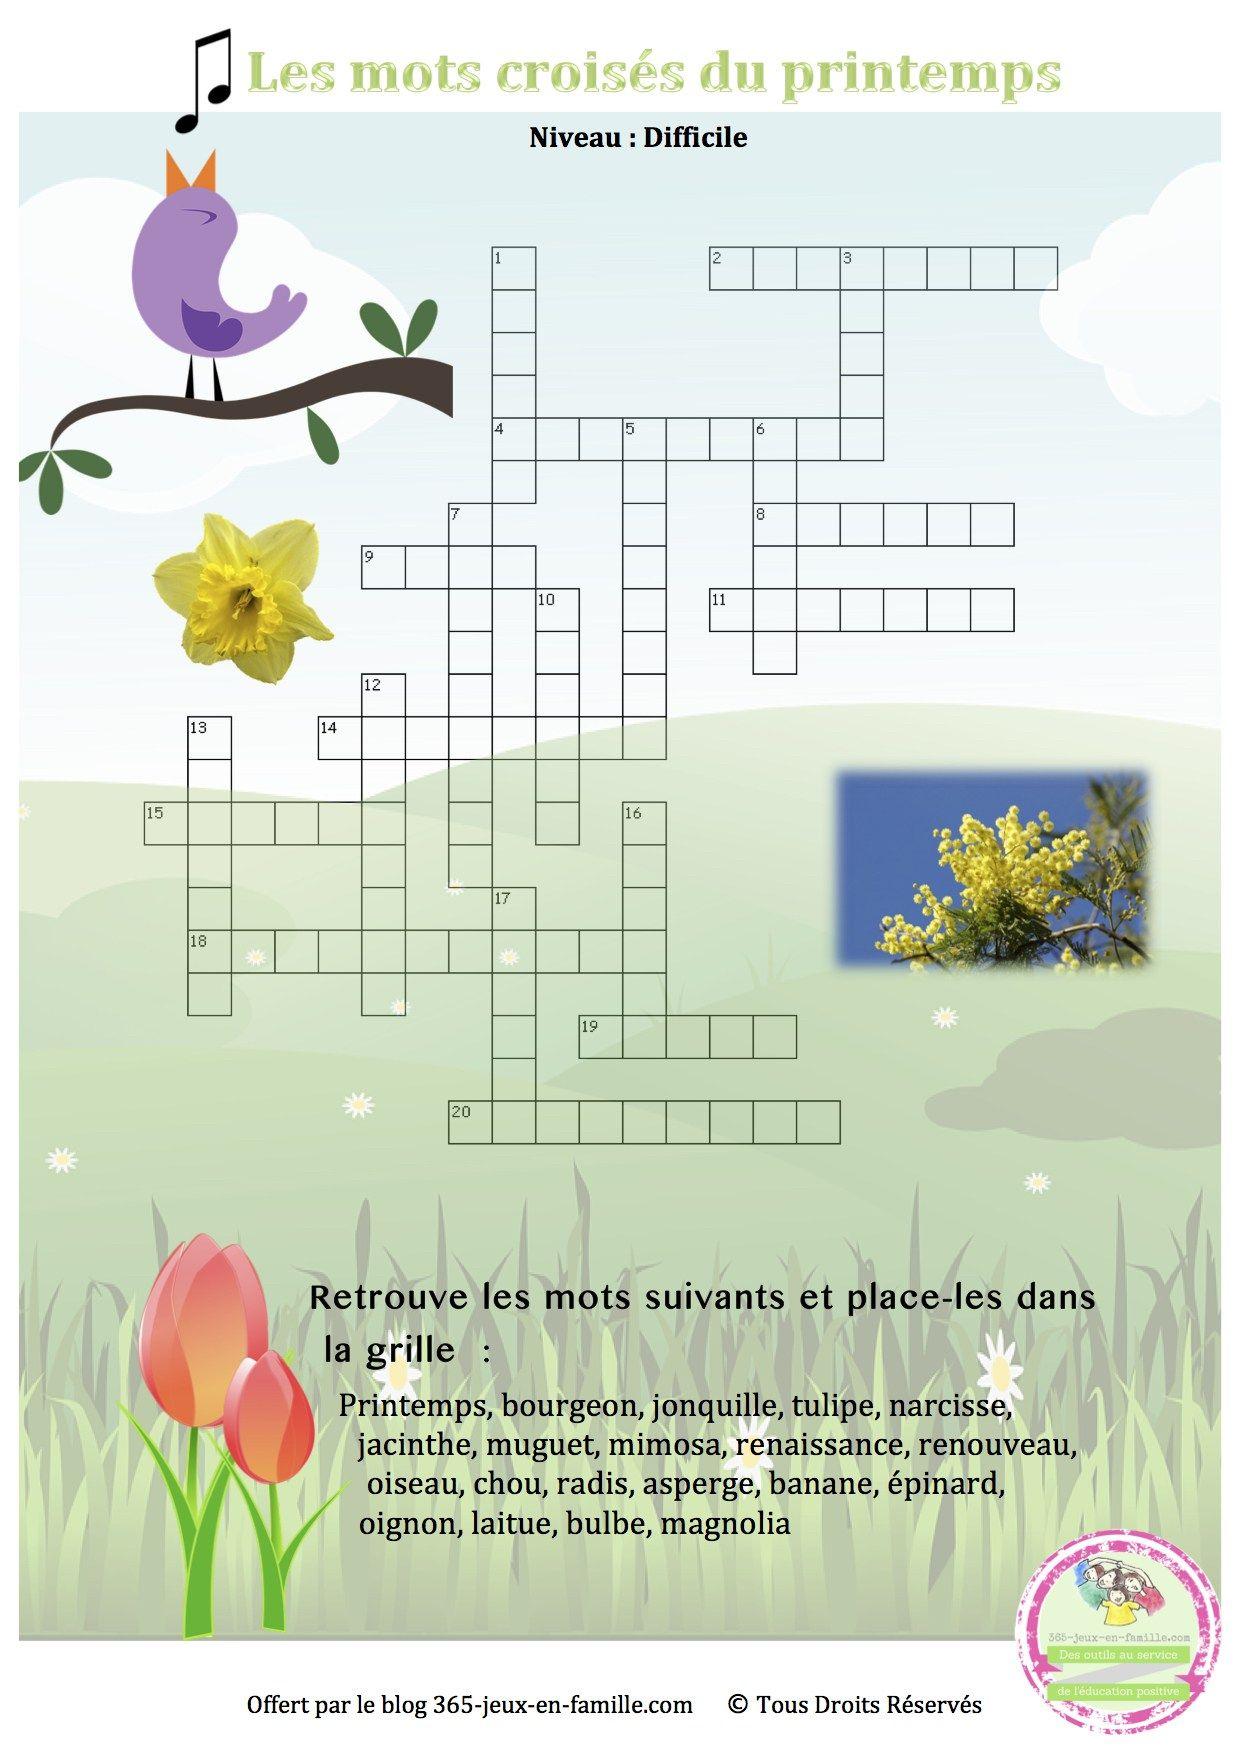 Jeu gratuit jeu imprimer jeu pour le printemps mots crois s du printemps printemps - Mots croises grille quotidienne ...